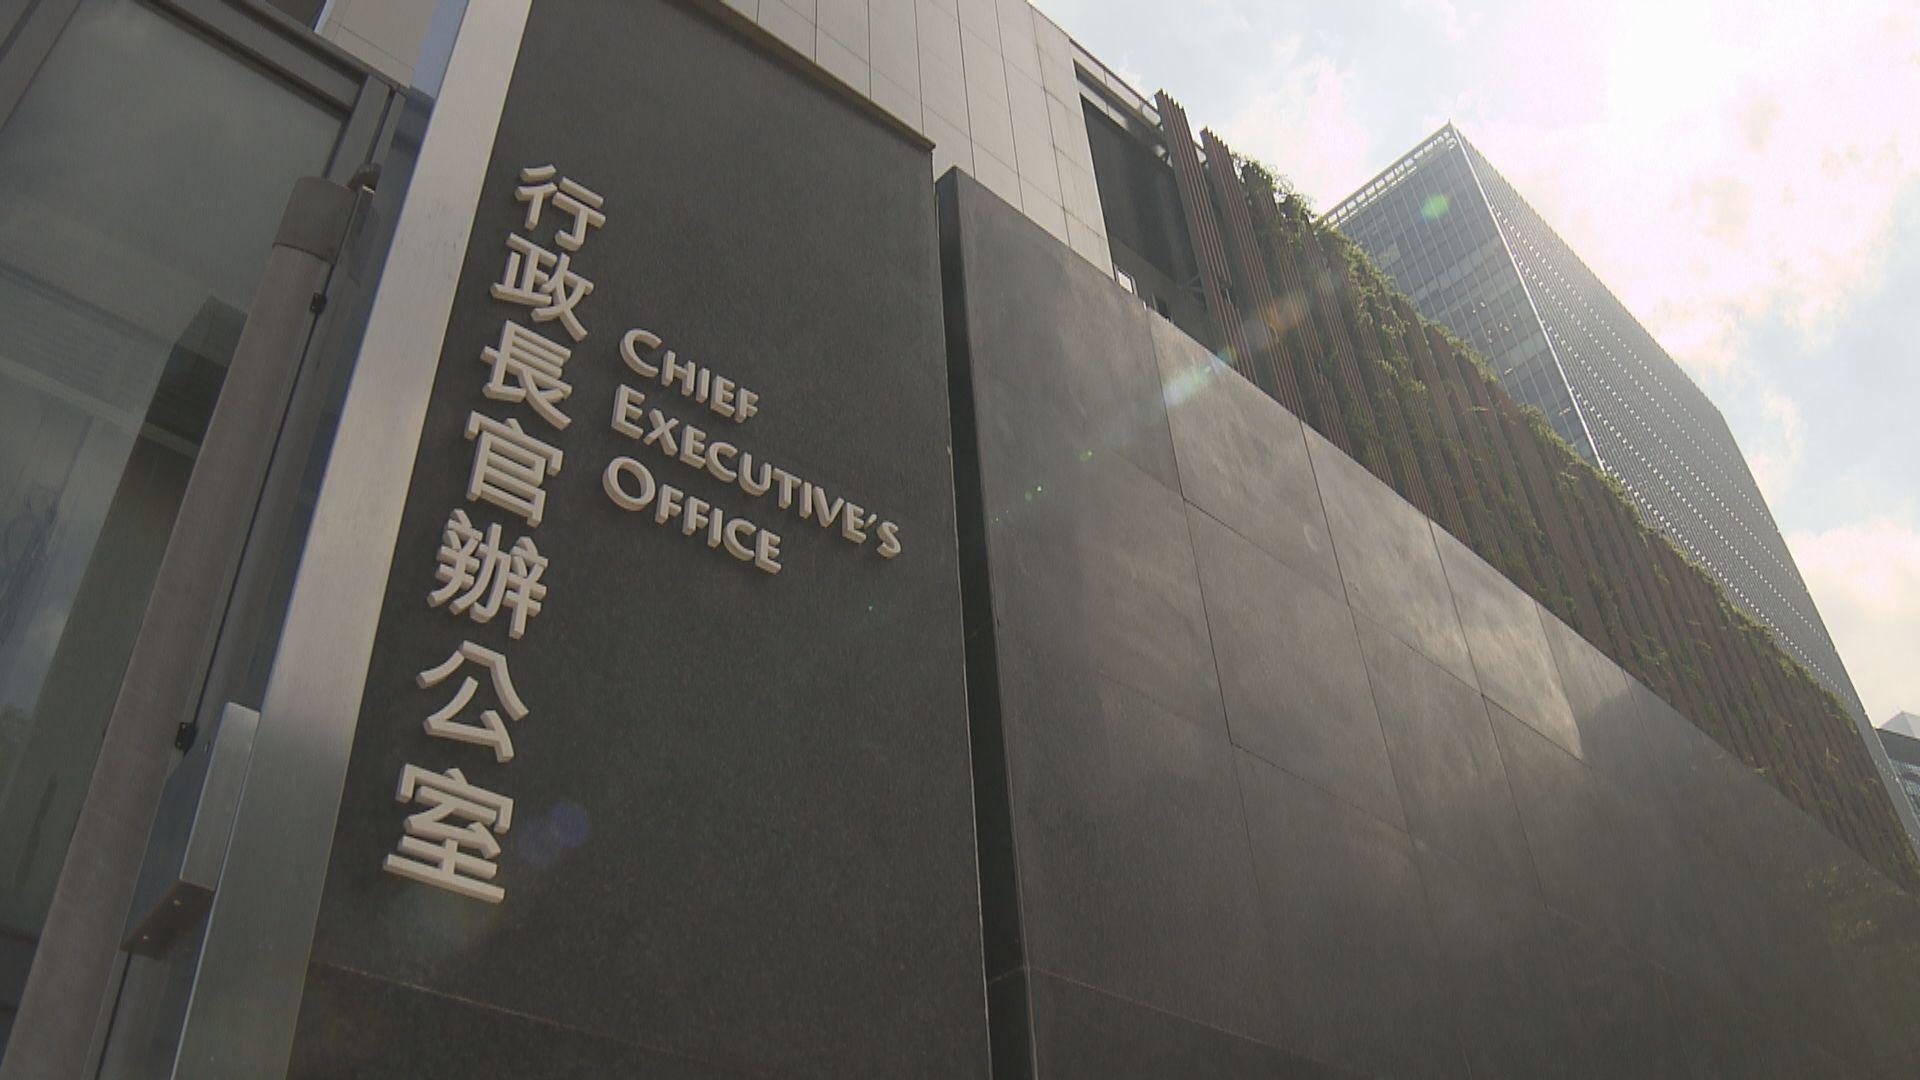 行政長官會同行會命令公司註冊處將支聯會從公司登記冊中剔除